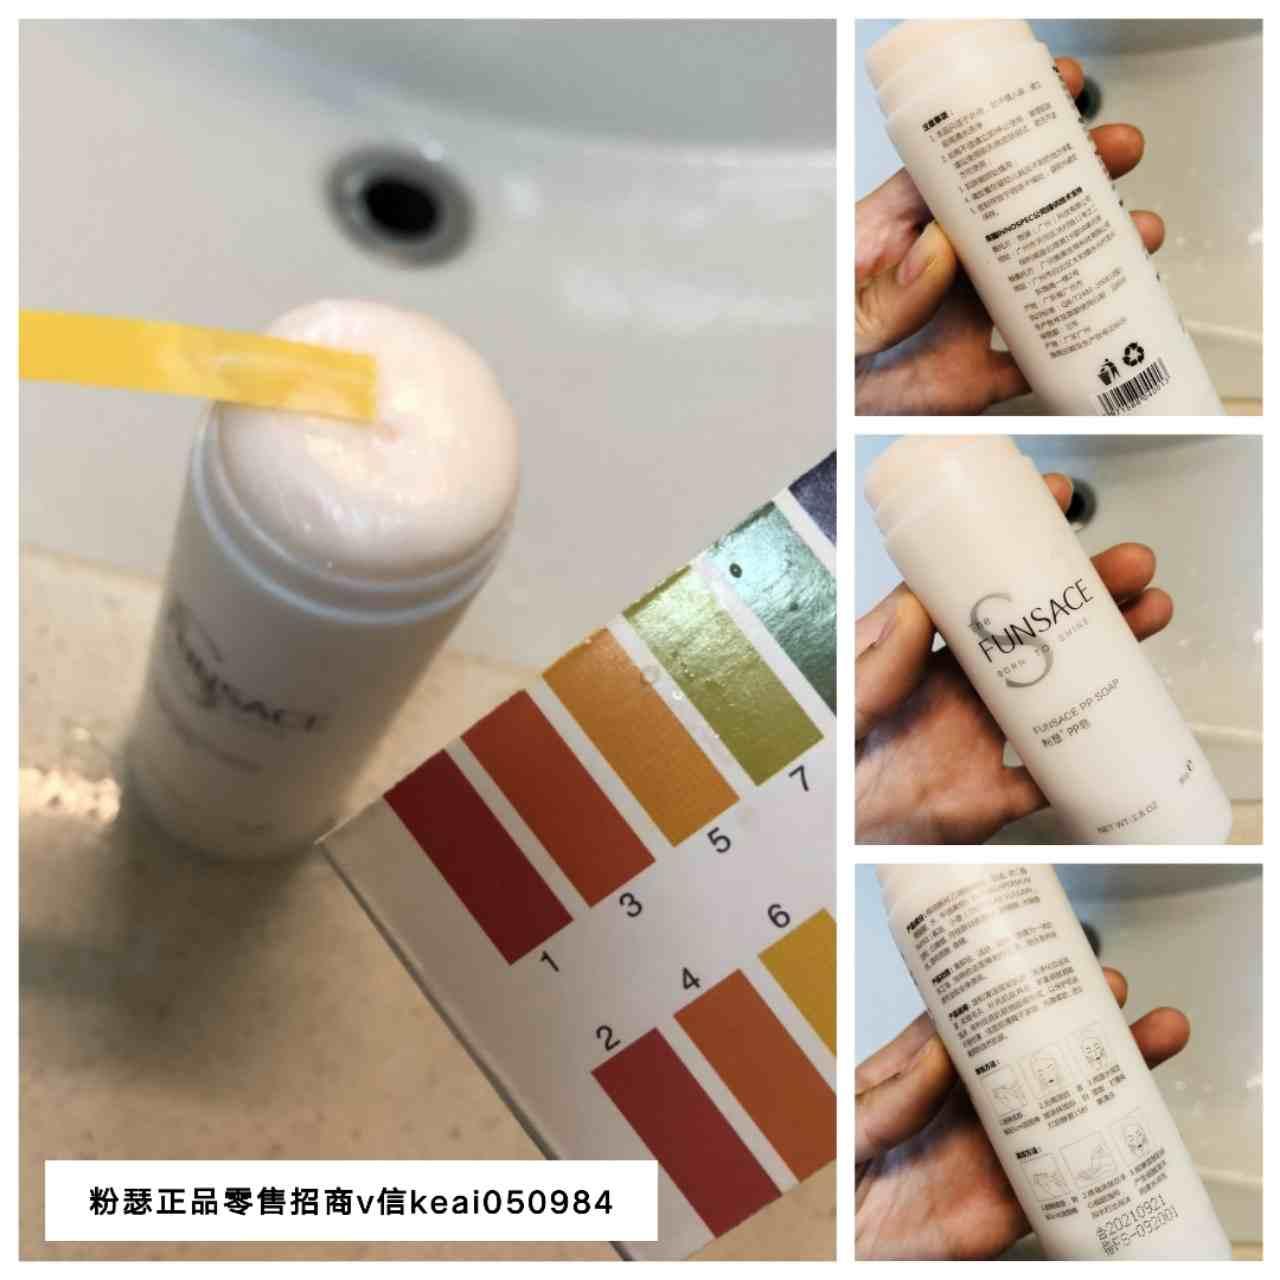 粉瑟PP皂清洁力非常好又不刺激皮肤吗?